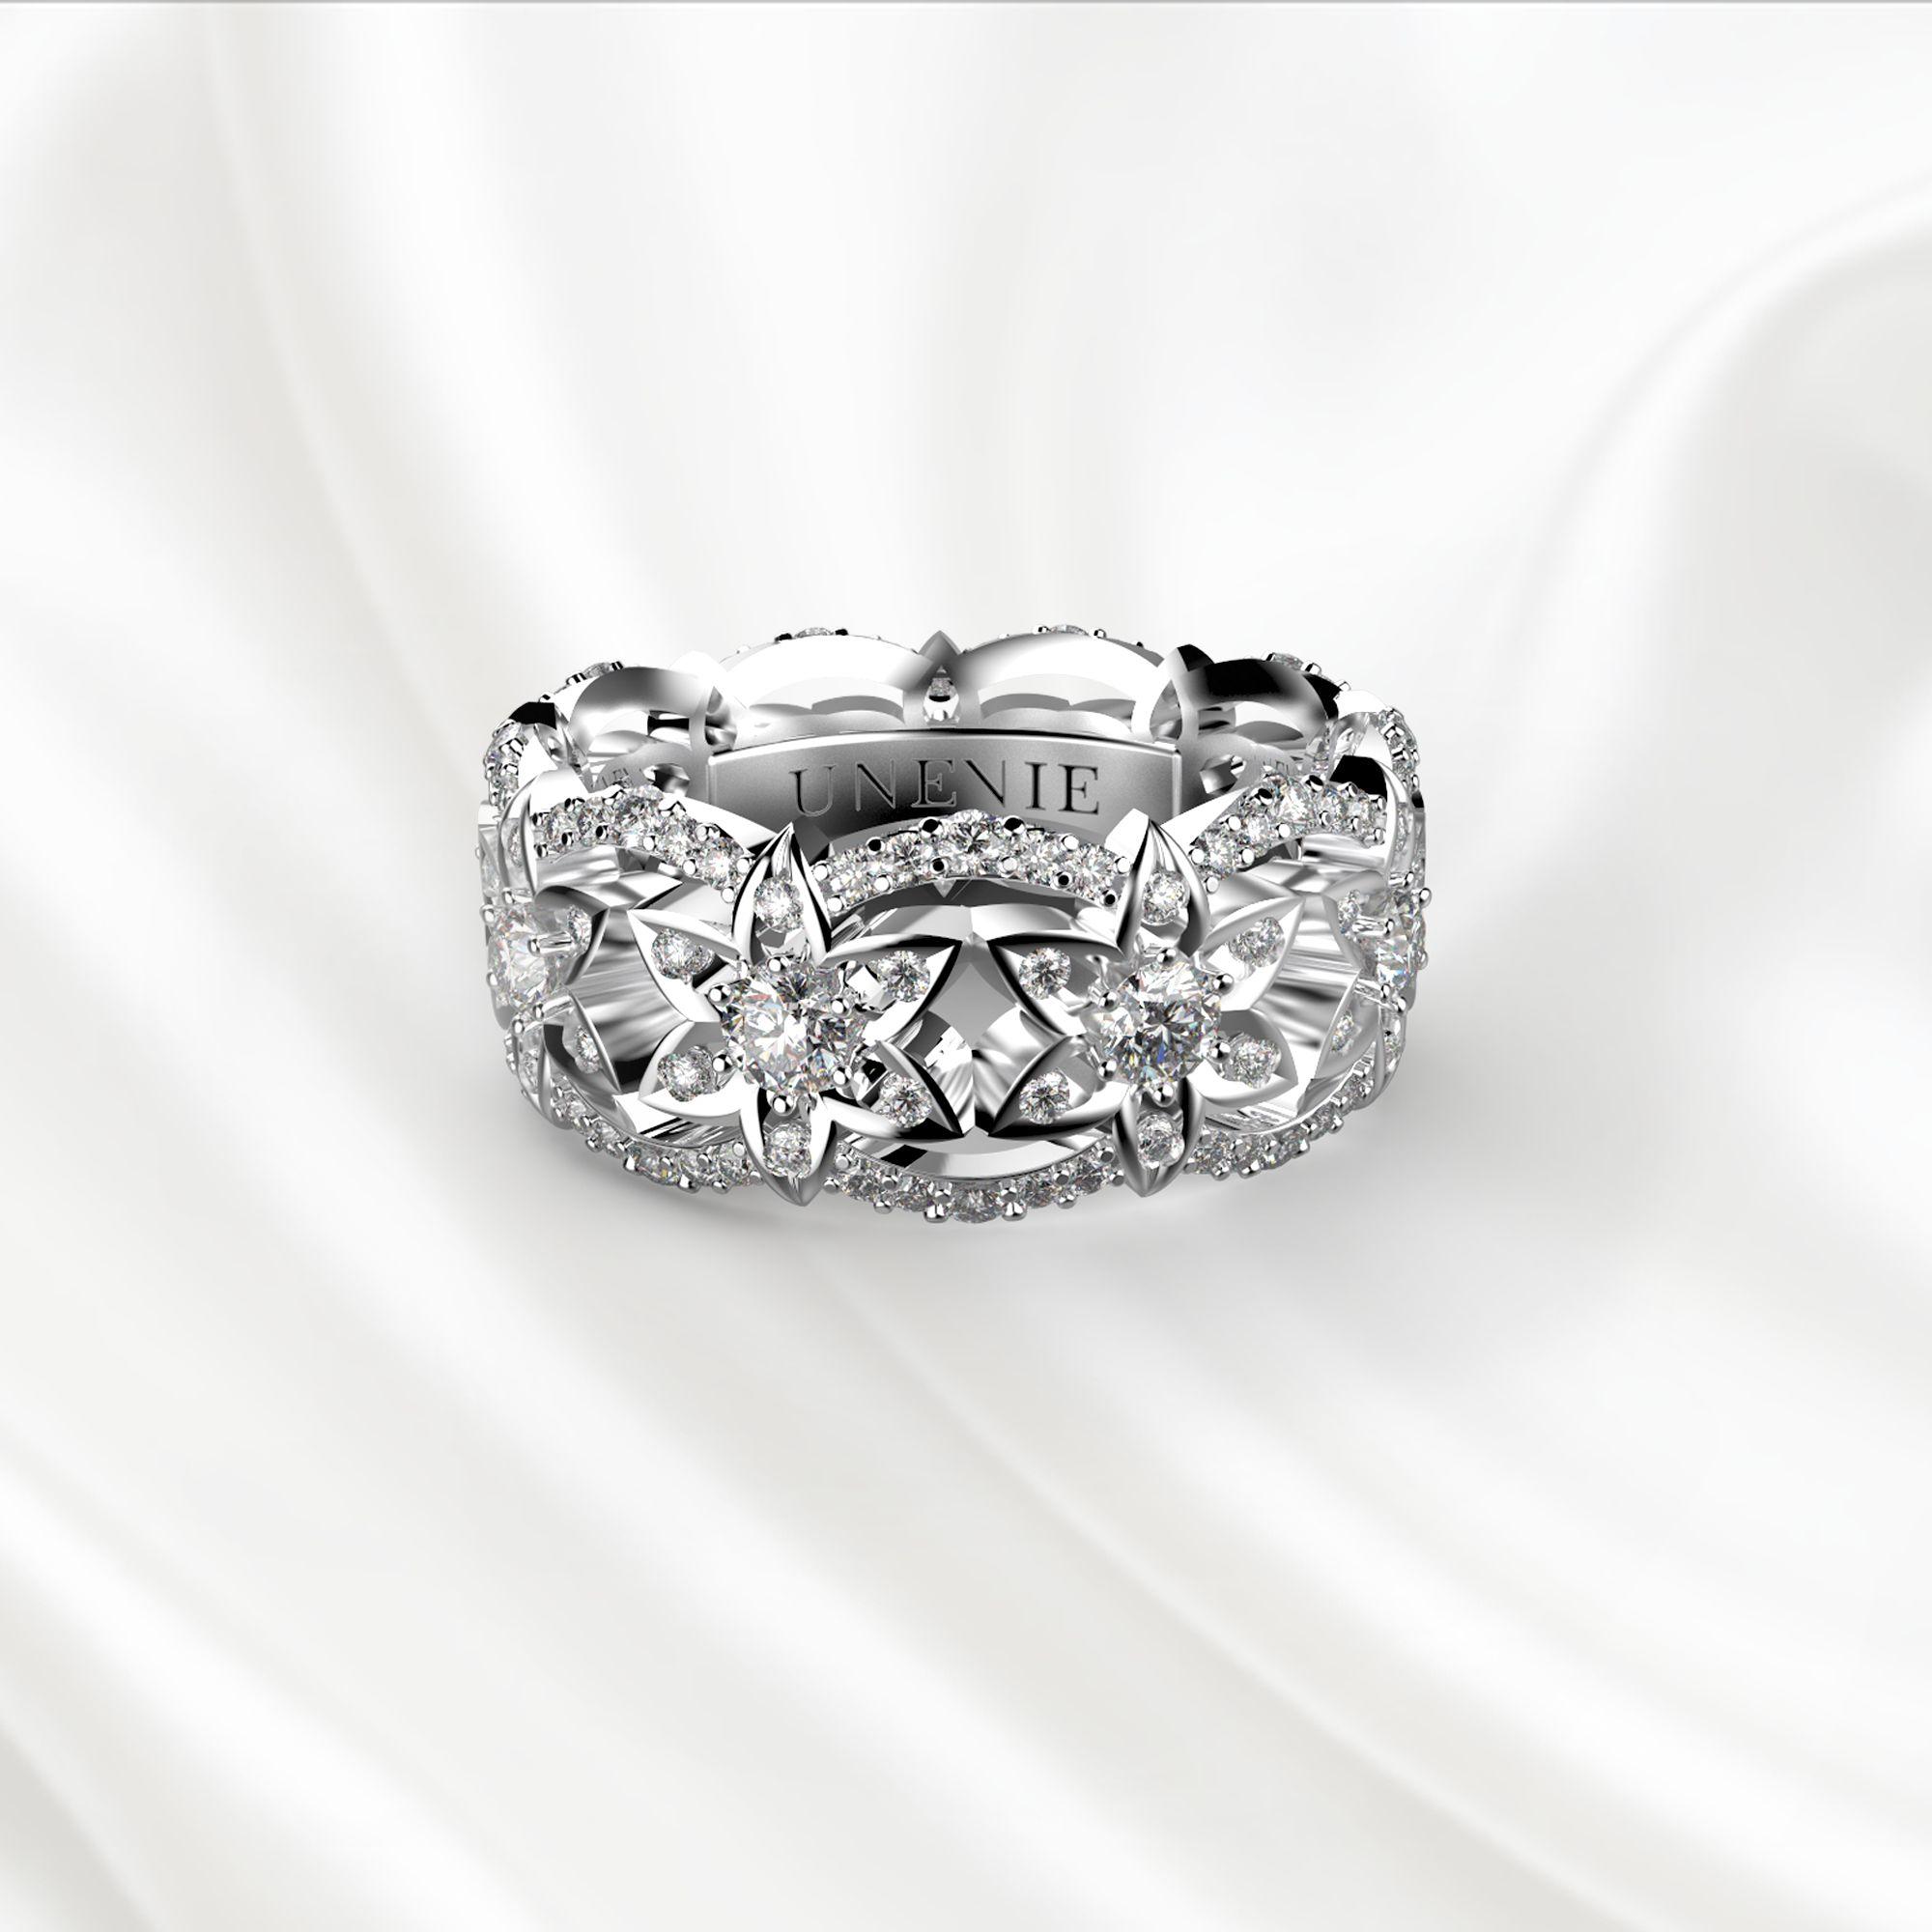 E11 Обручальное кольцо из белого золота с 153 бриллиантами